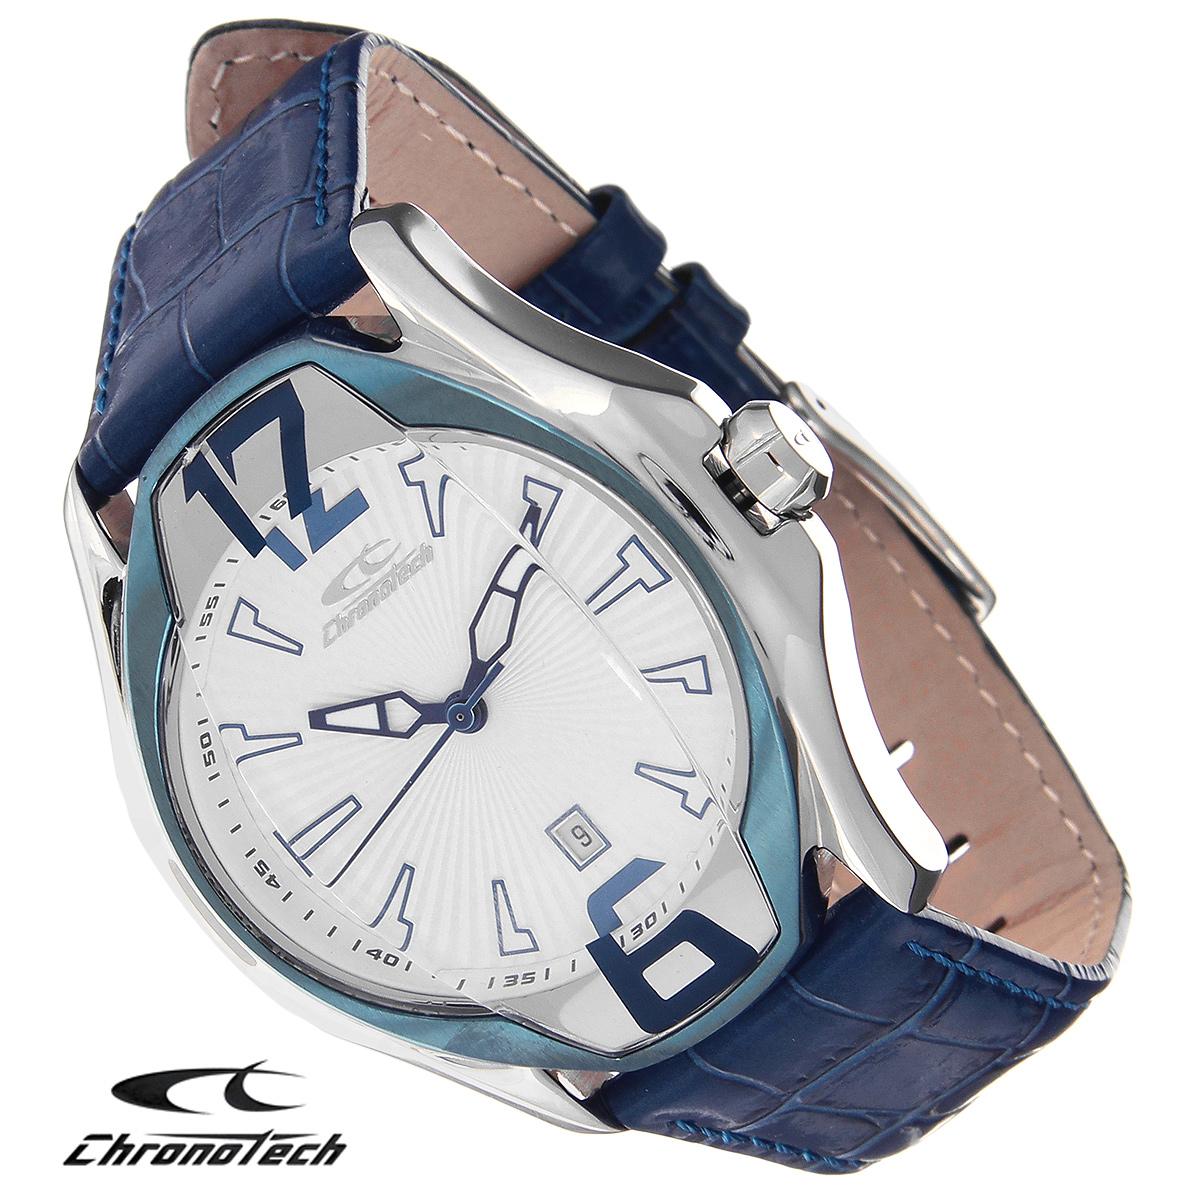 Часы мужские наручные Chronotech, цвет: синий. RW0032RW0032Часы Chronotech - это часы для современных и стильных людей, которые стремятся выделиться из толпы и подчеркнуть свою индивидуальность. Корпус часов выполнен из нержавеющей стали. Циферблат оформлен арабскими цифрами и отметками и защищен минеральным стеклом. Часы имеют три стрелки - часовую, минутную и секундную. Часы имеют индикатор даты. Стрелки светятся в темноте. Ремешок часов выполнен из натуральной кожи с тиснением и застегивается на классическую застежку. Часы упакованы в фирменную коробку с логотипом компании Chronotech. Такой аксессуар добавит вашему образу стиля и подчеркнет безупречный вкус своего владельца. Характеристики: Диаметр циферблата: 3,5 см. Размер корпуса: 4,4 см х 5 см х 1,3 см. Длина ремешка (с корпусом): 26 см. Ширина ремешка: 2 см.